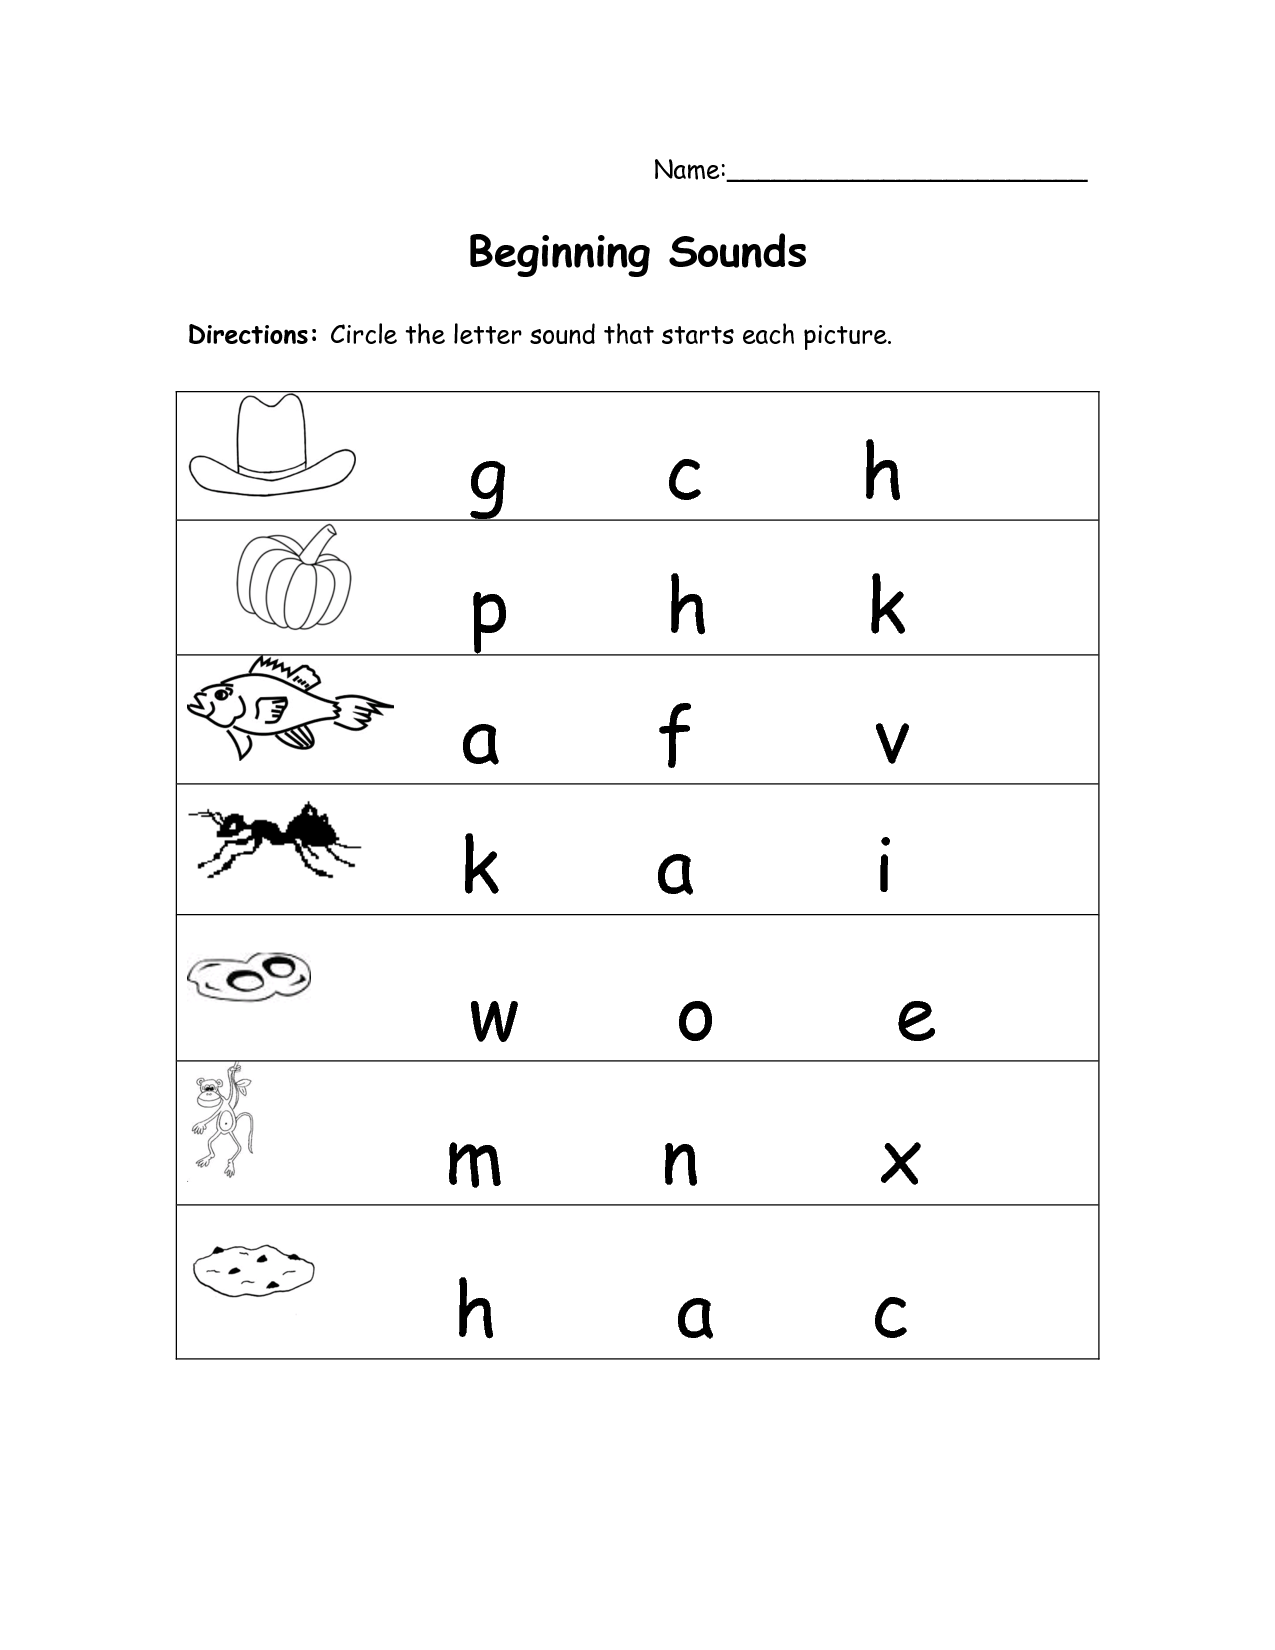 Worksheets Beginning Sounds Worksheets Free 5 best images of free printable beginning sounds worksheets letter kindergarten